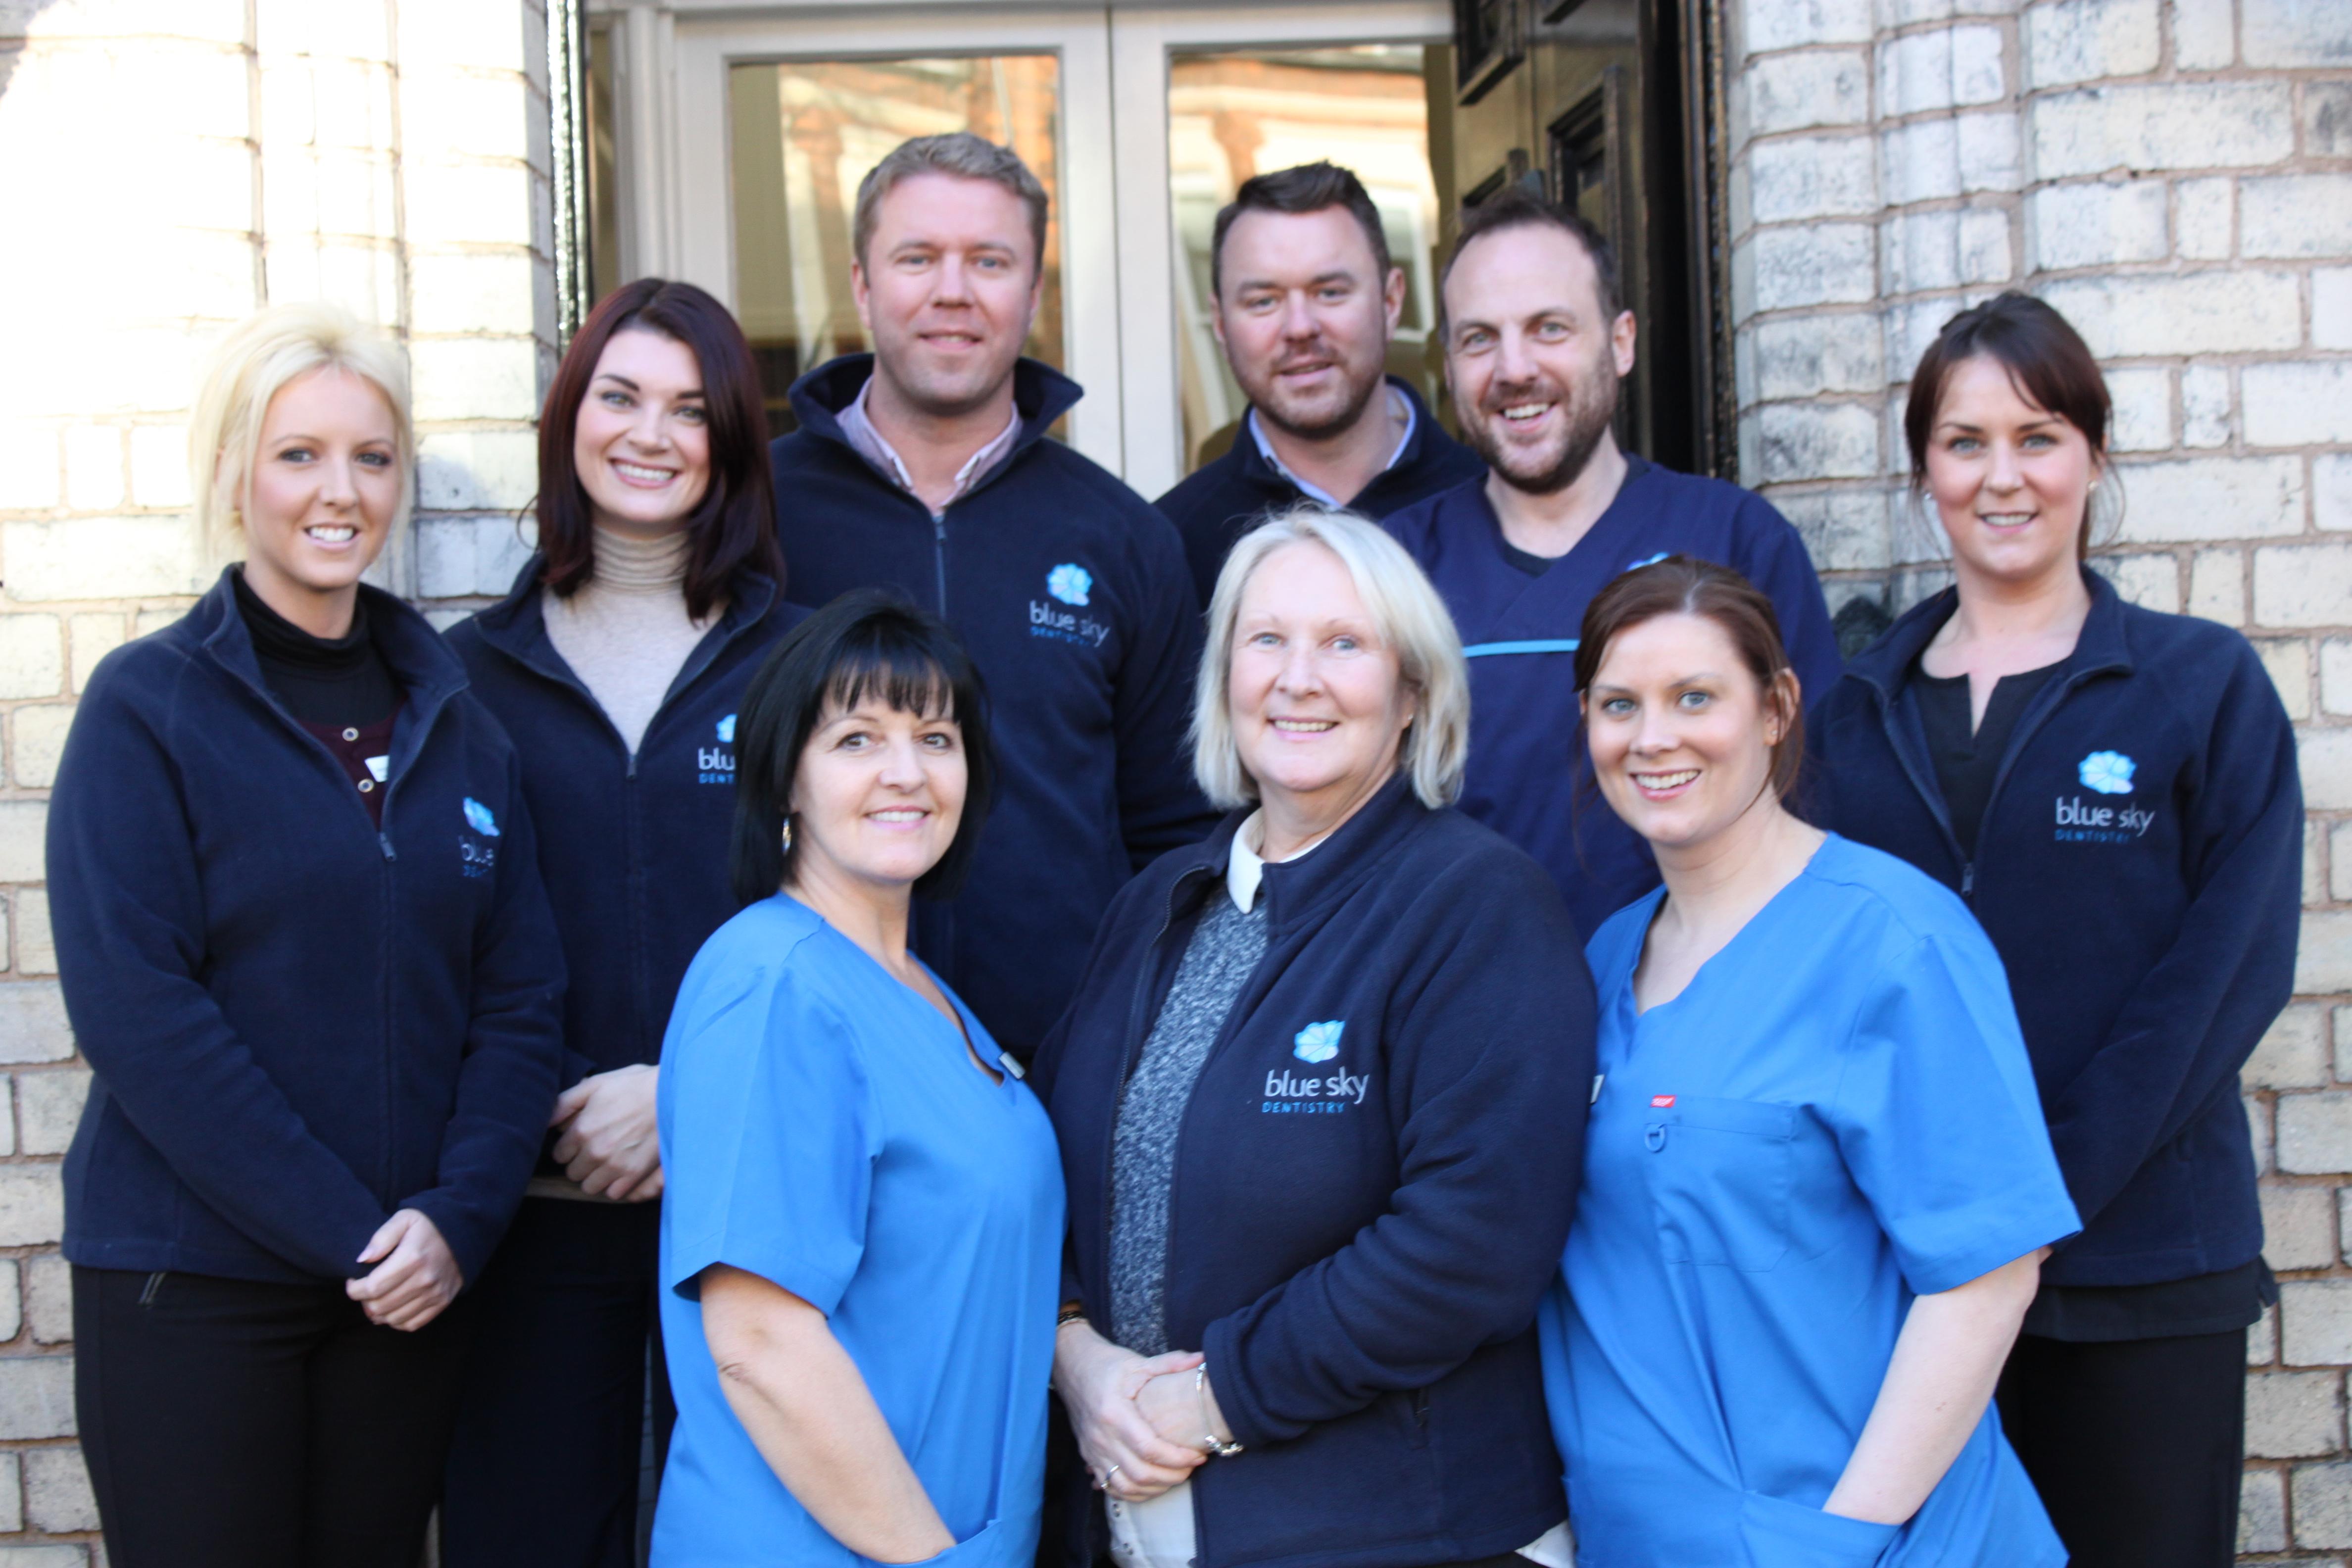 Blue Sky Dentistry